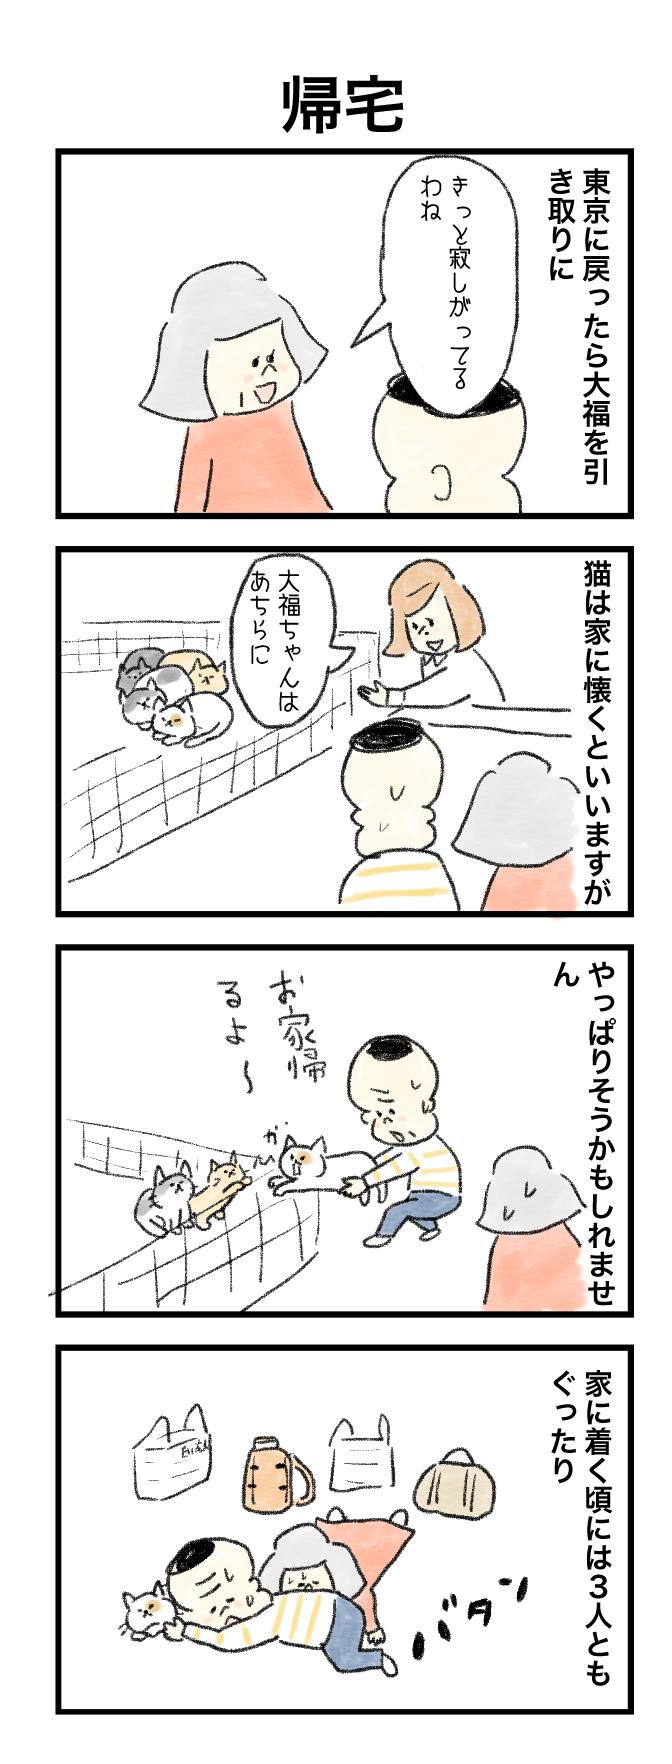 今日の泉谷さん【57】 作:カワサキヒロシ「帰宅」